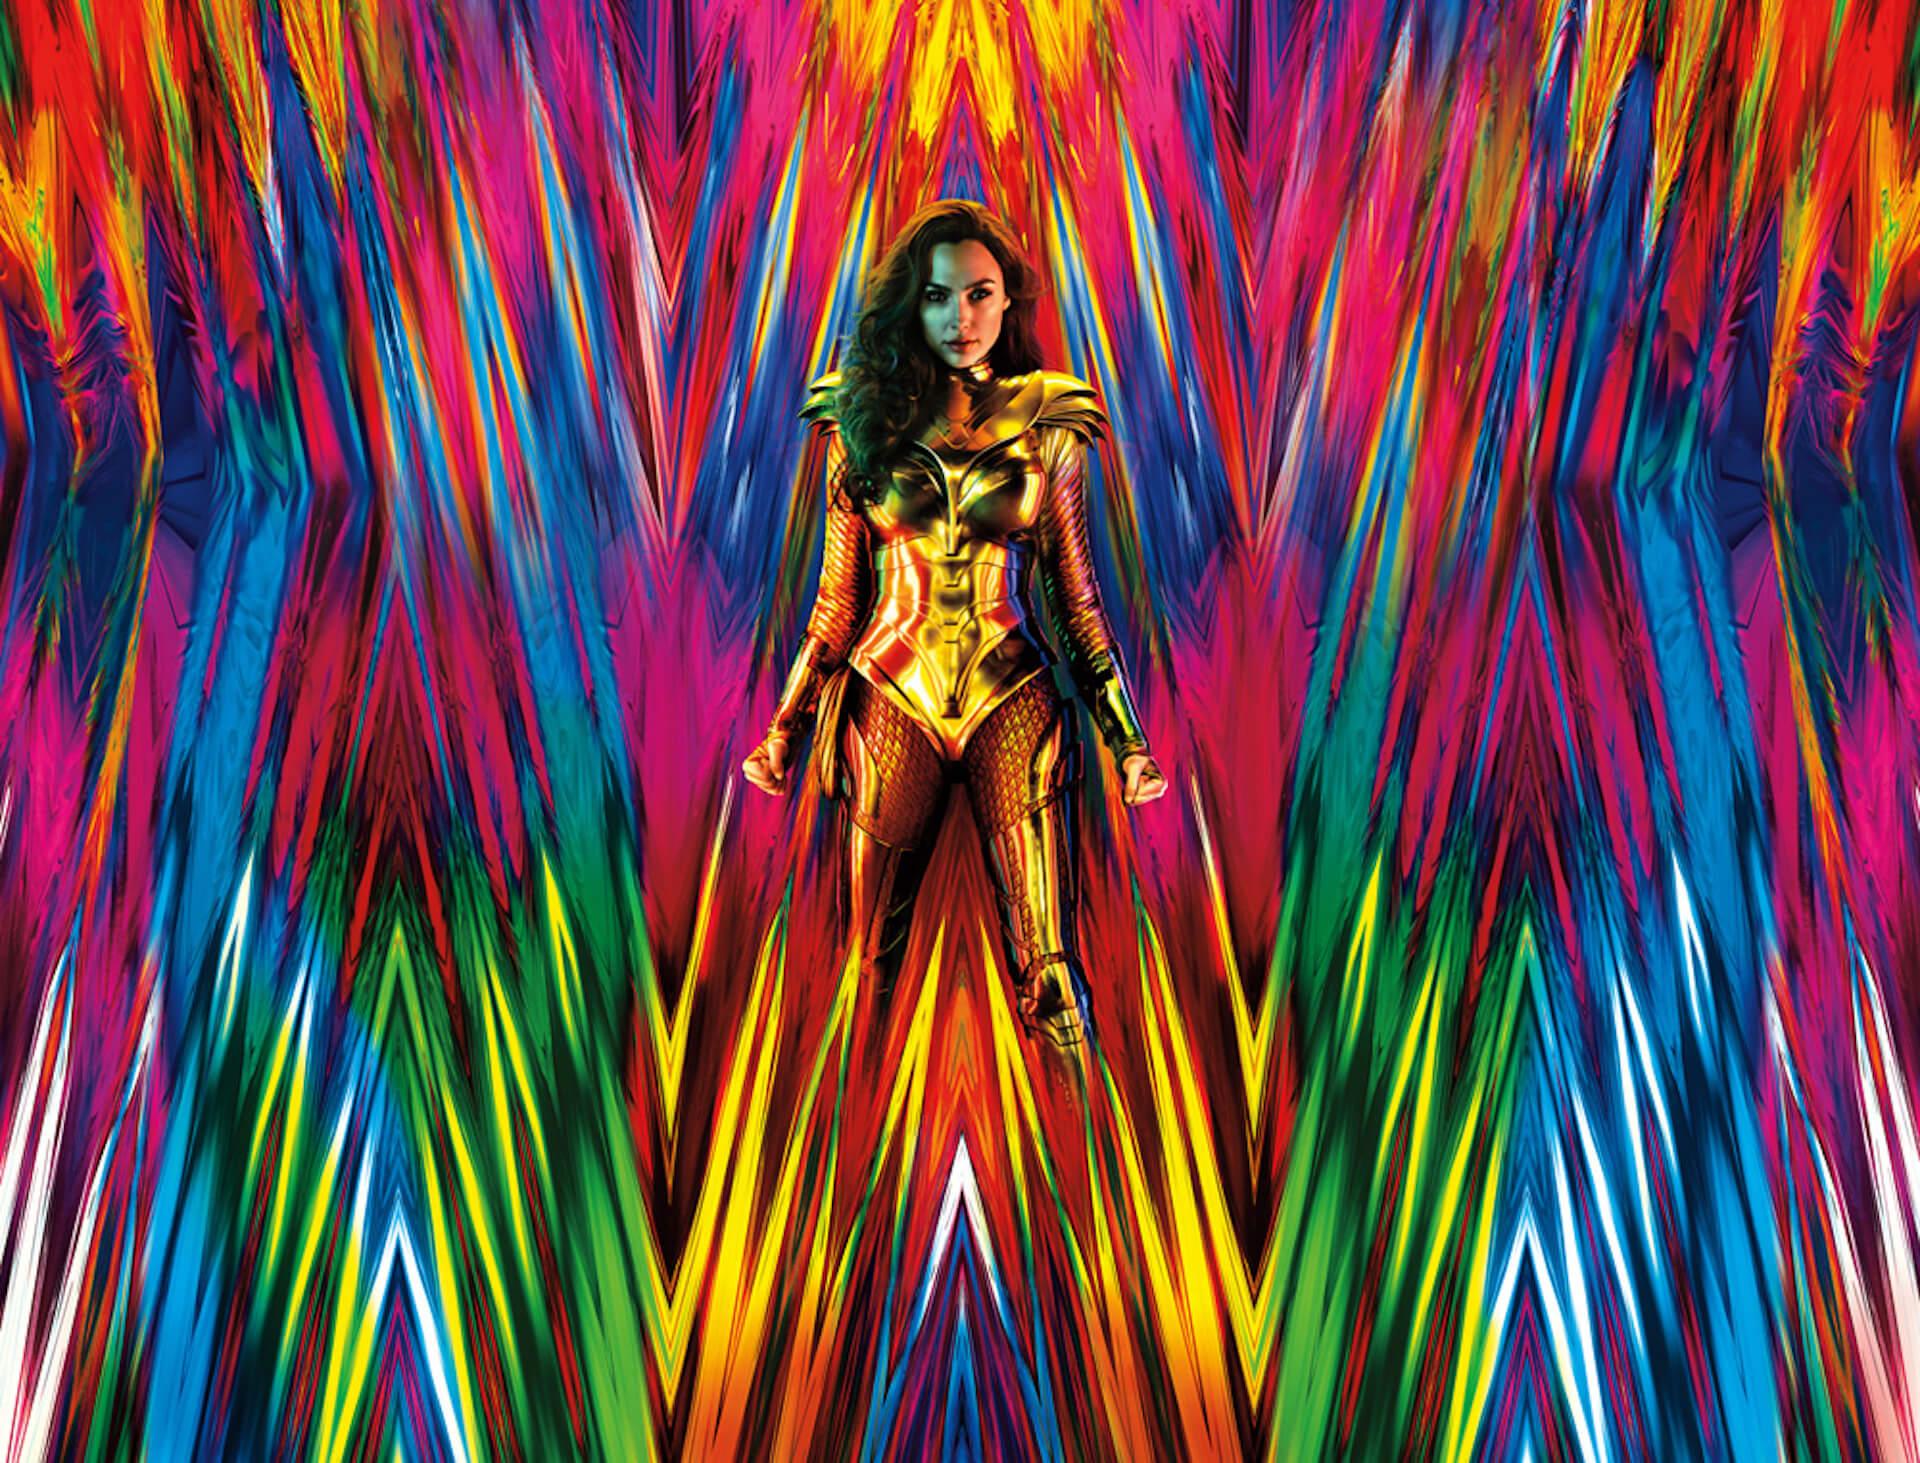 『ワンダーウーマン 1984』2020年6月日本公開決定!ゴールドスーツに身を包むワンダーウーマンも登場する予告が解禁 film191209_wonderwoman_main